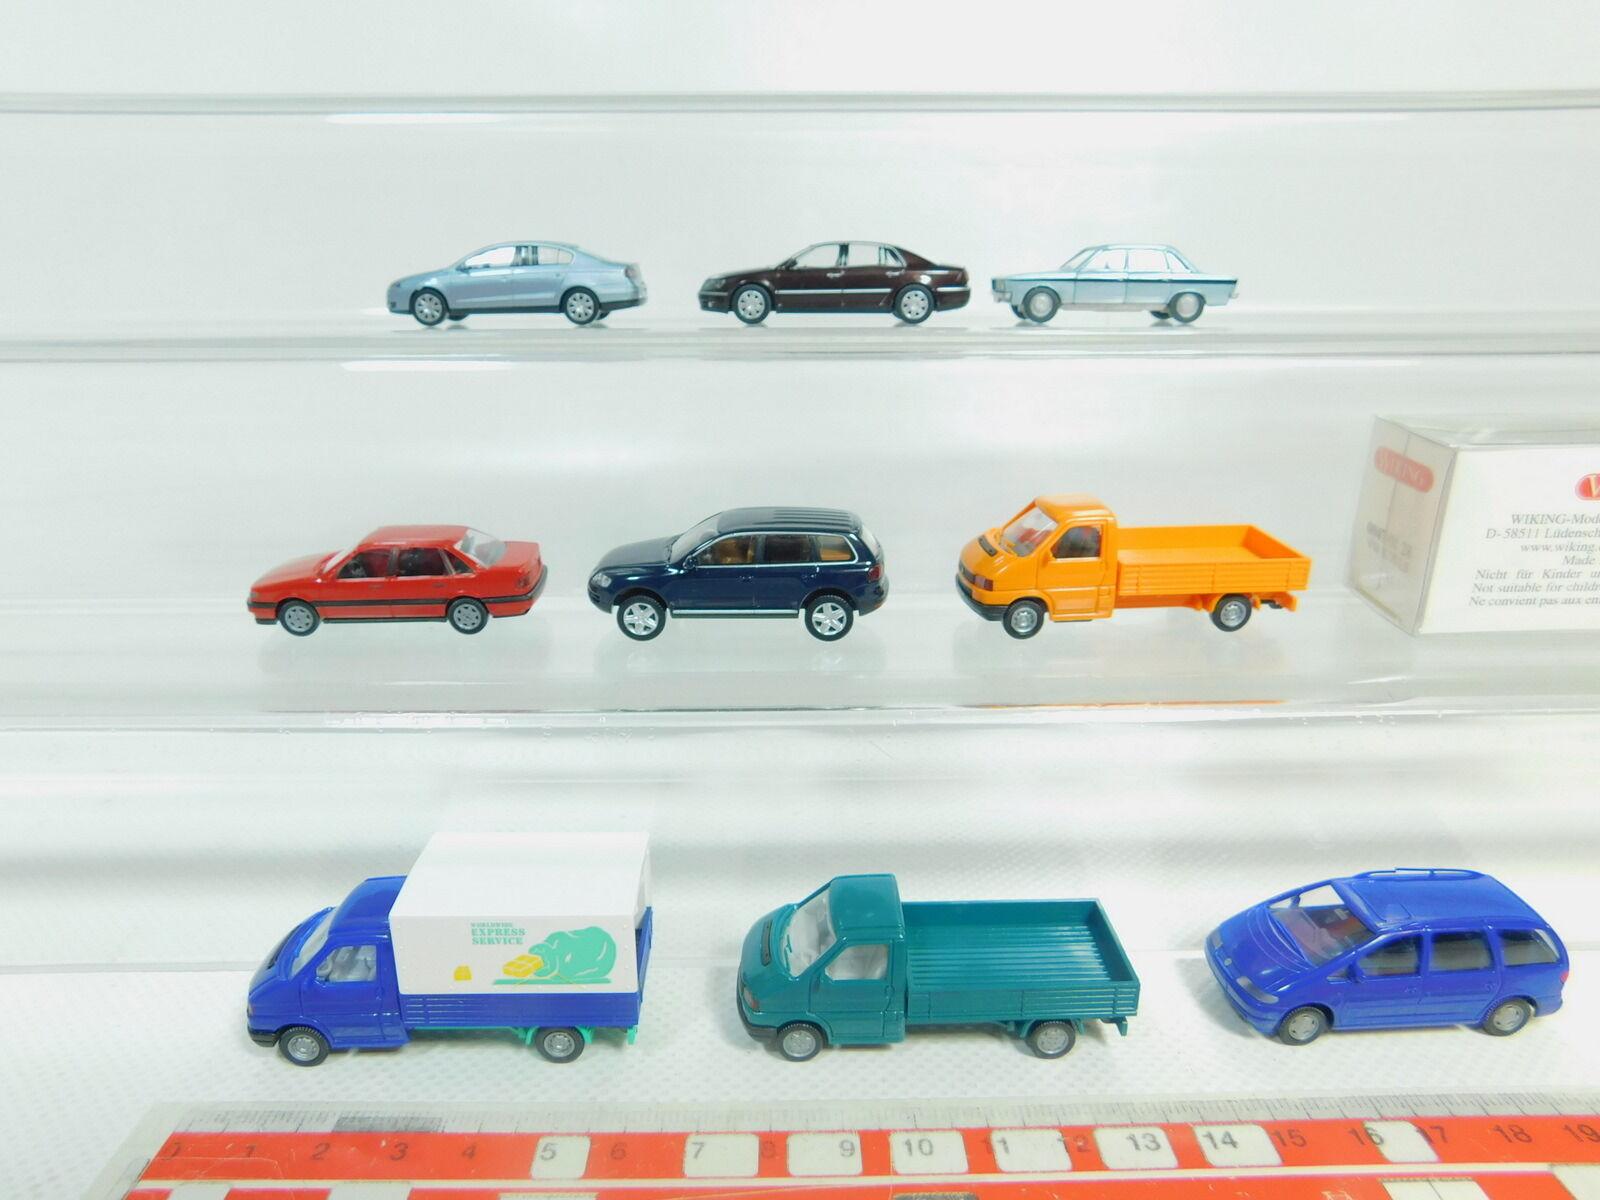 BO583-0,5  9x Wiking H0 1 87  Modello VW  87  0047 K 70 + Touareg Ecc. ,Nuovo + 1x 02f6c8